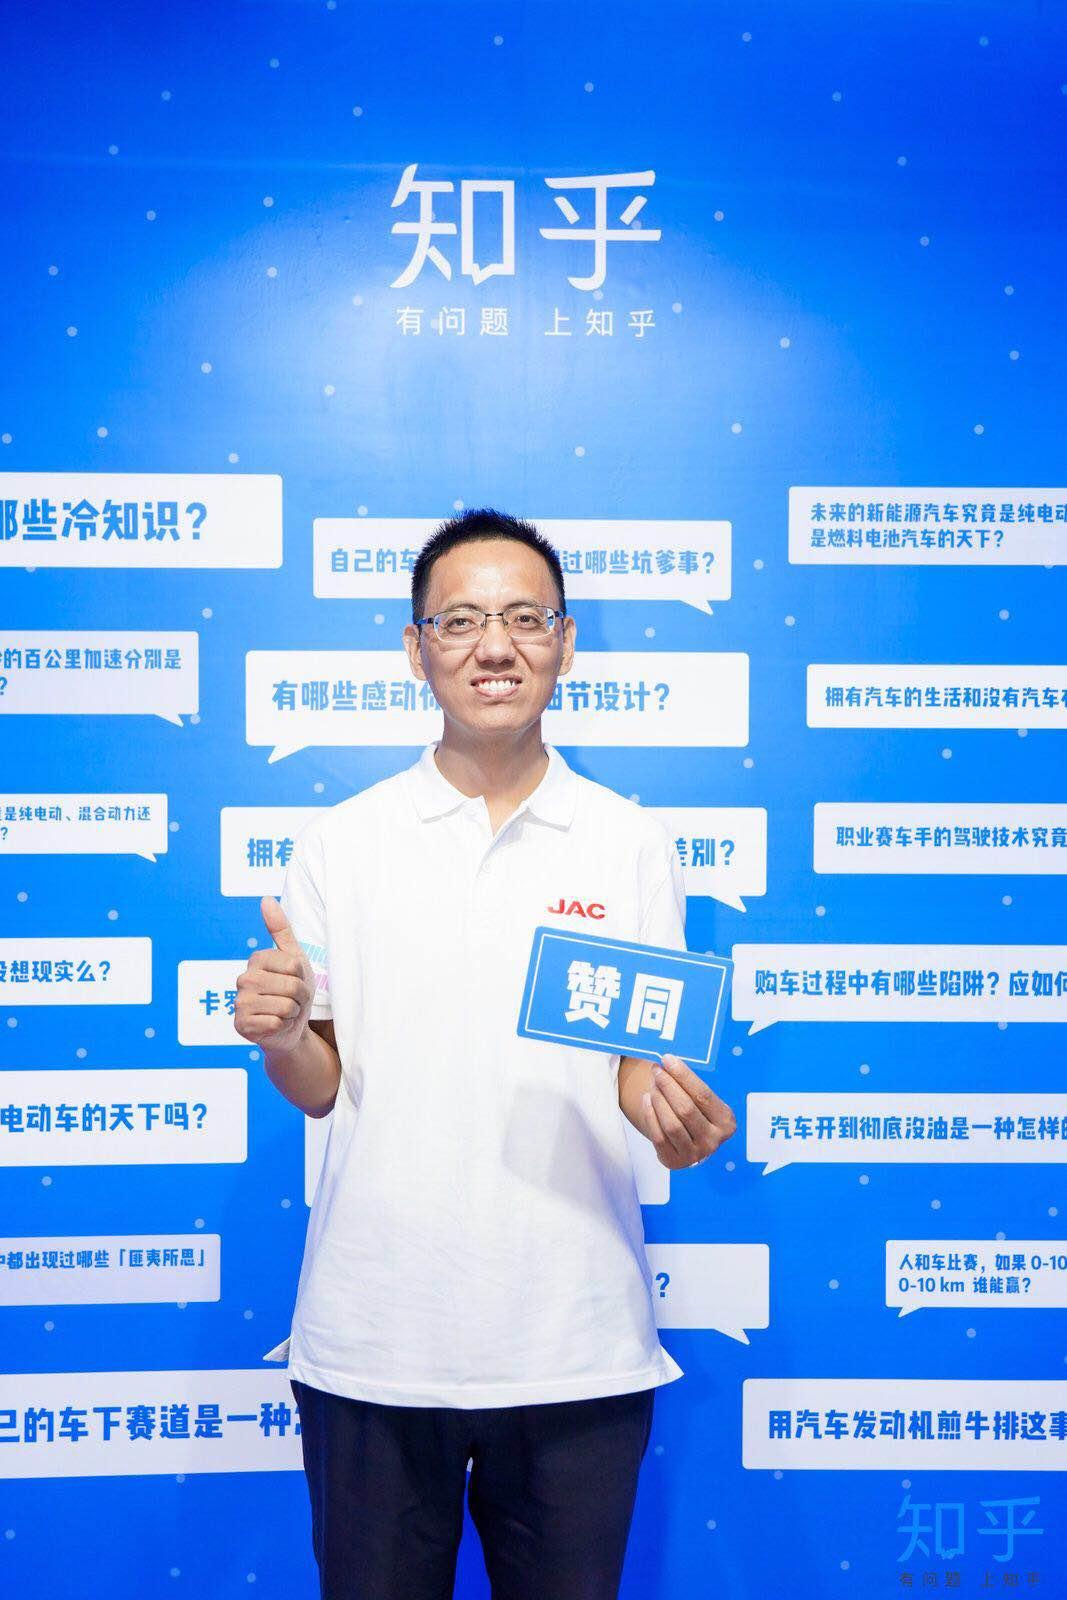 江淮汽车新能源乘用车公司副总经理营销公司总经理汪光玉